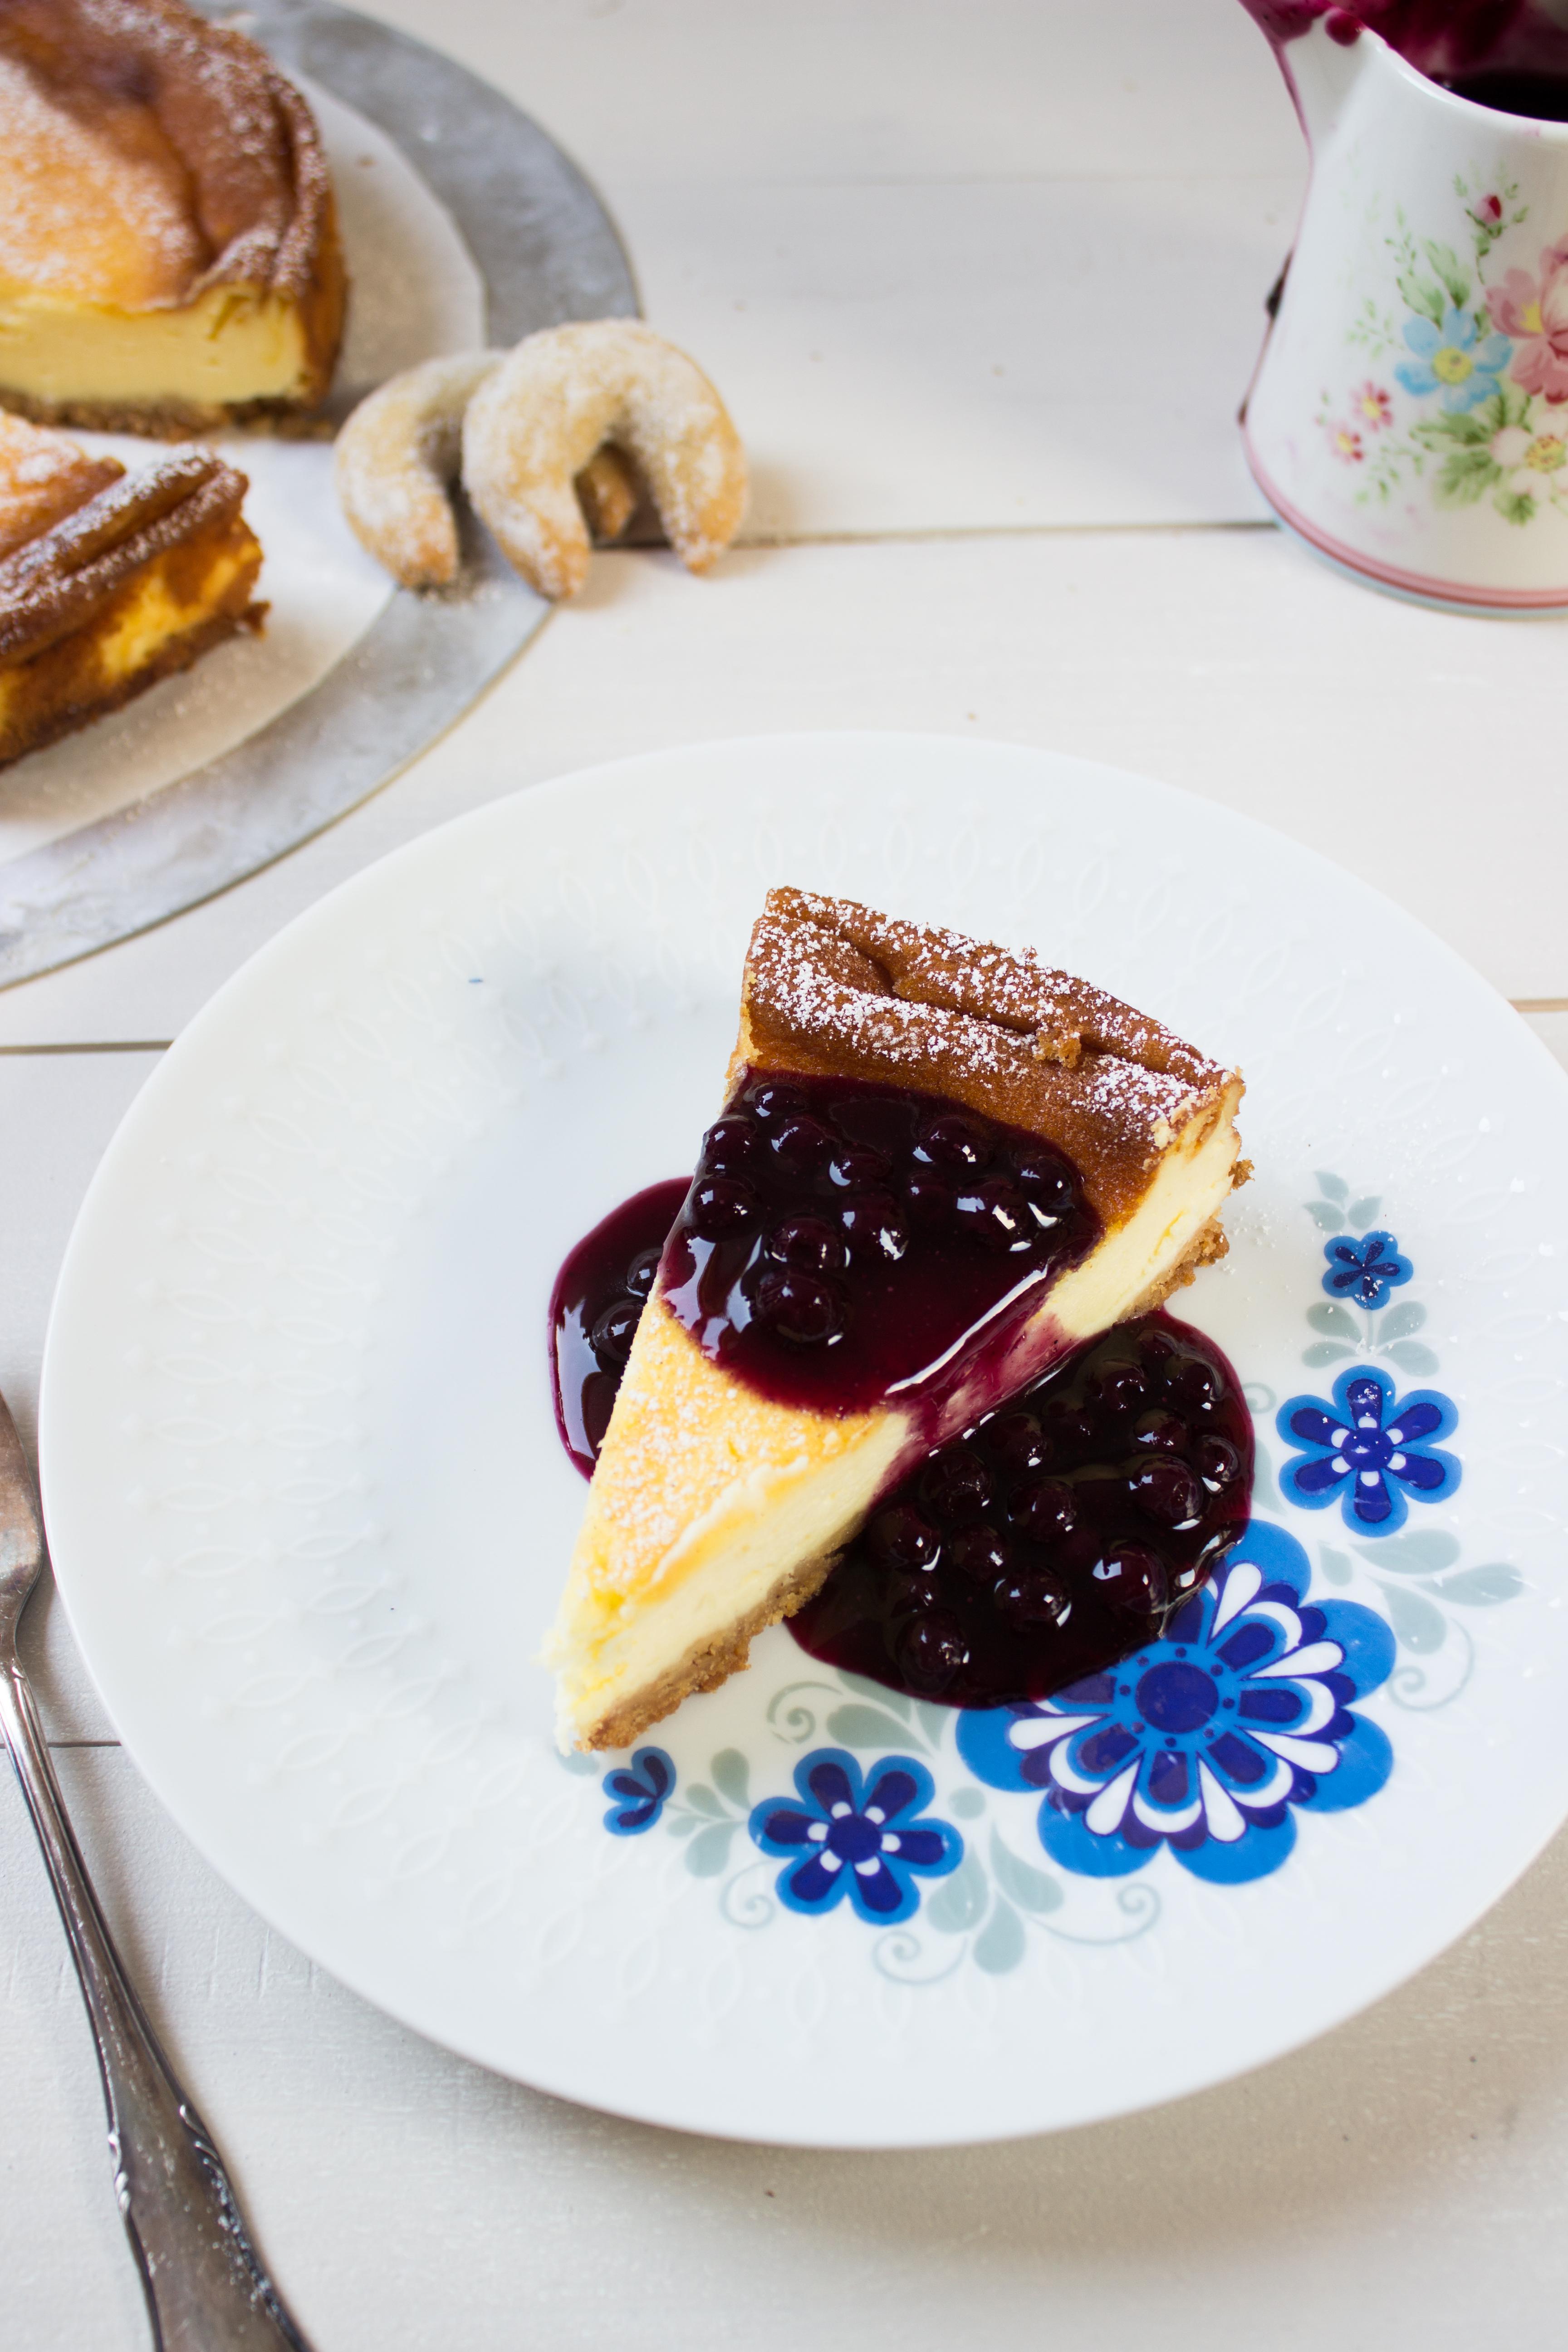 rezept-fur-einen-vanillekipferl-schmandkuchen-mit-blaubeerkompott